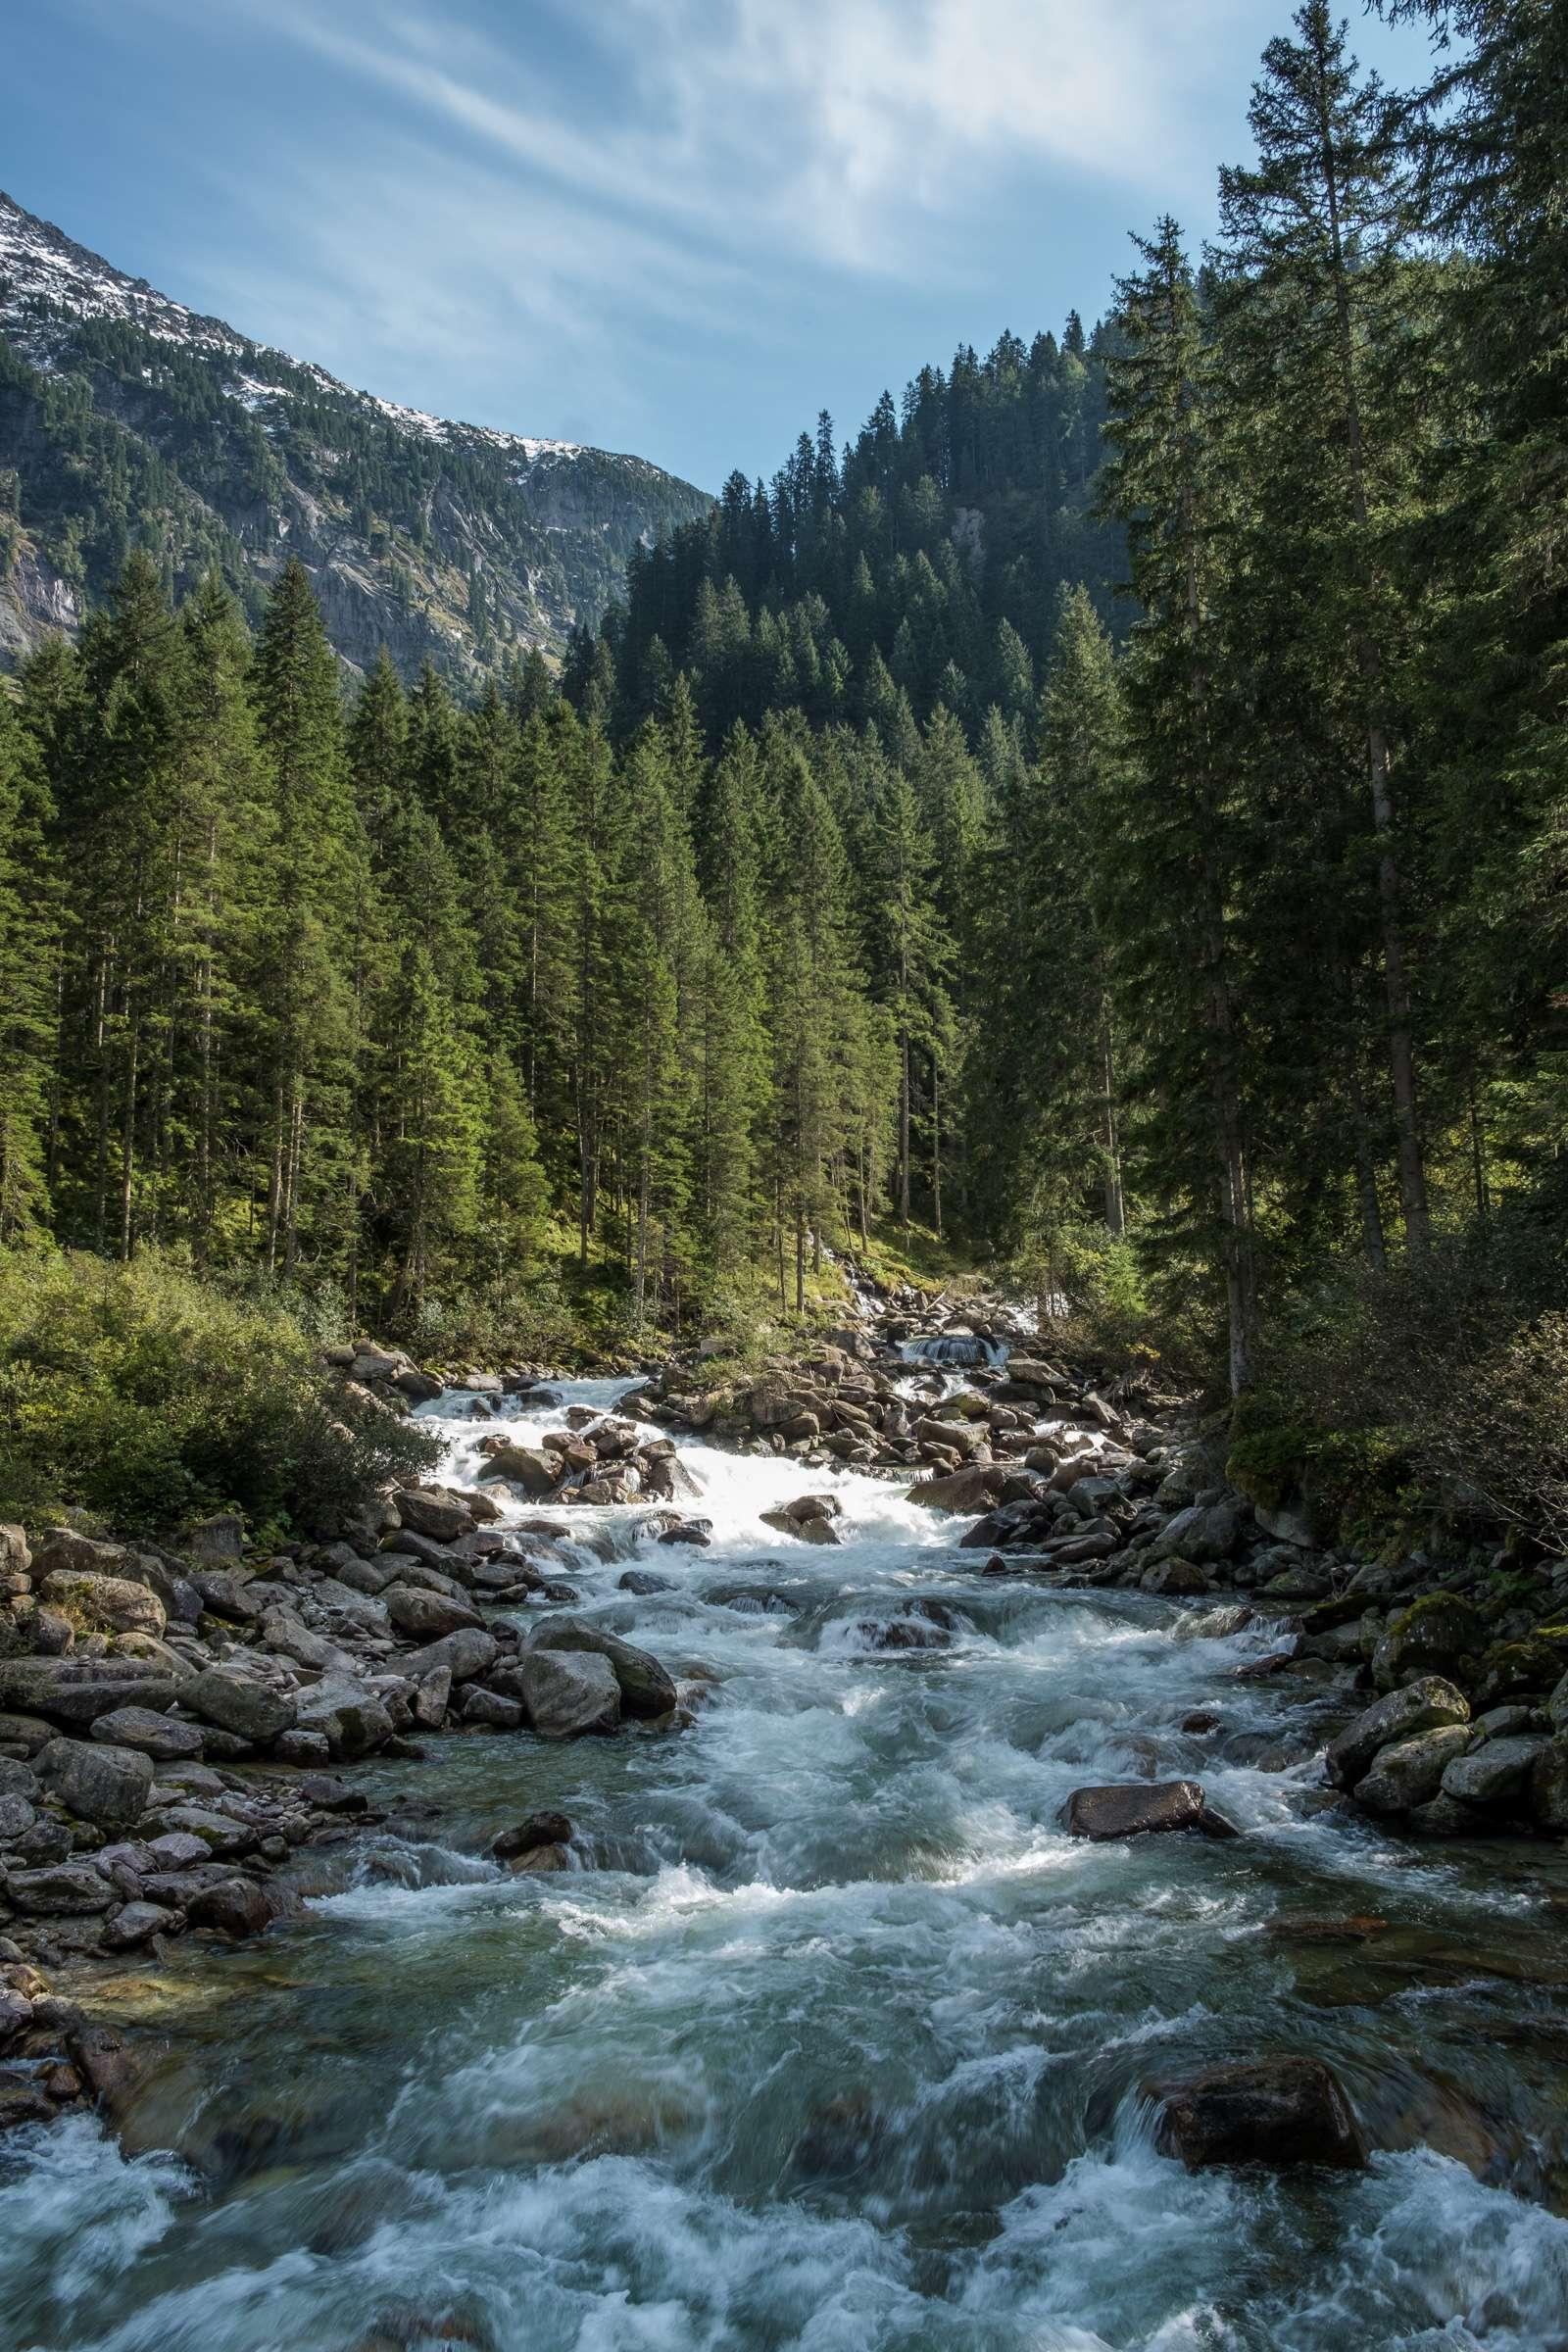 Krimml river gushing through the mountains